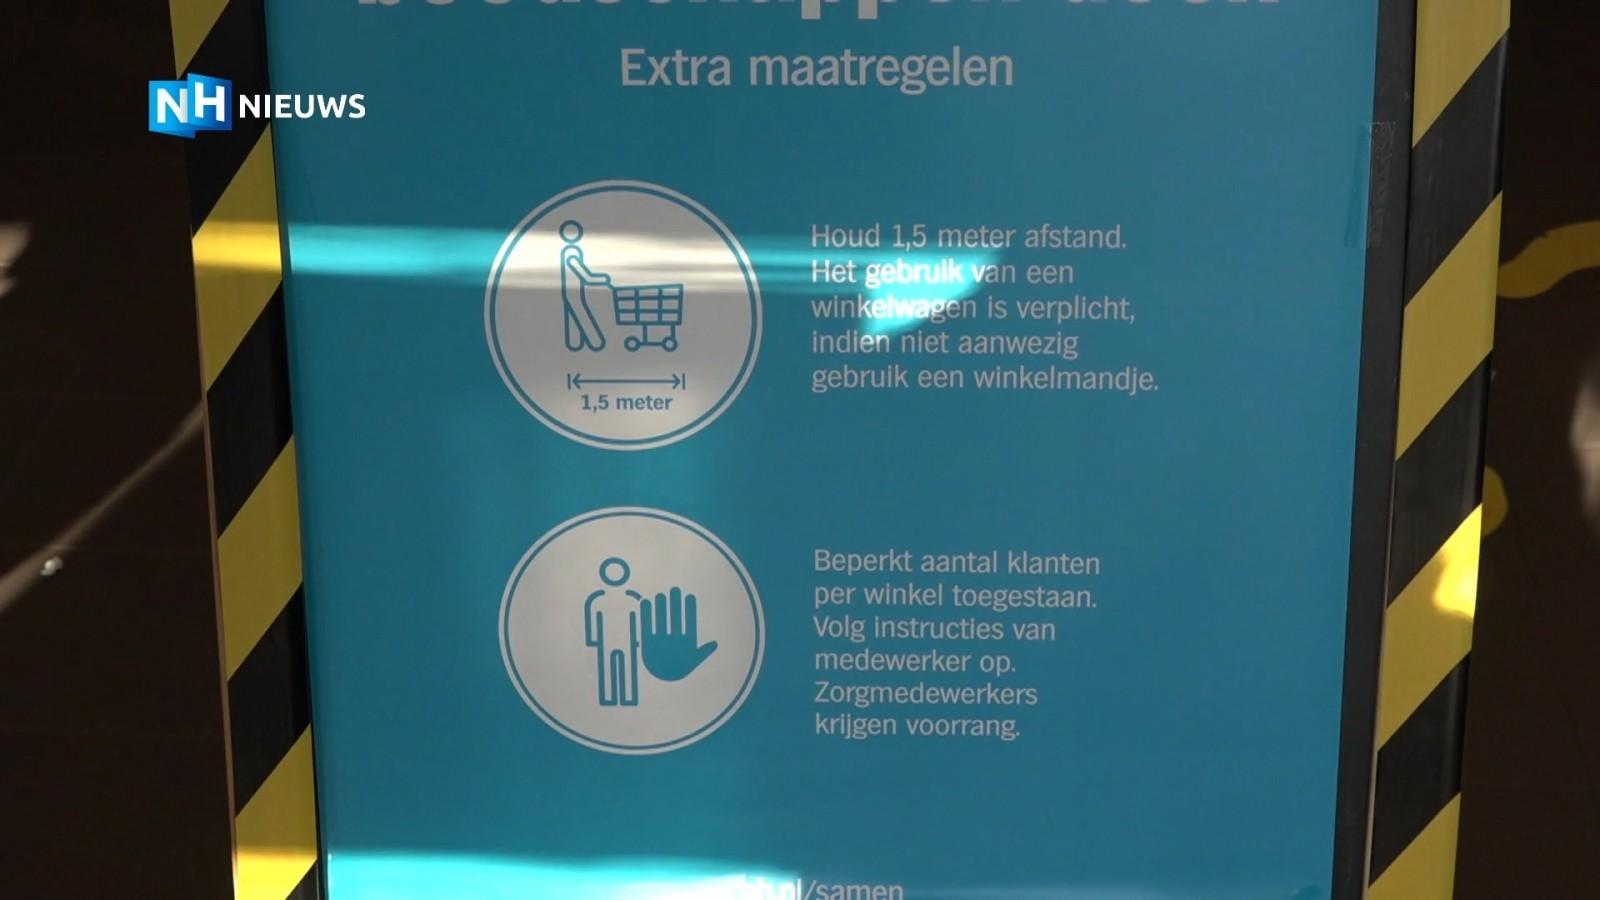 Aso-gedrag bij supermarkt door onbegrip over coronamaatregelen